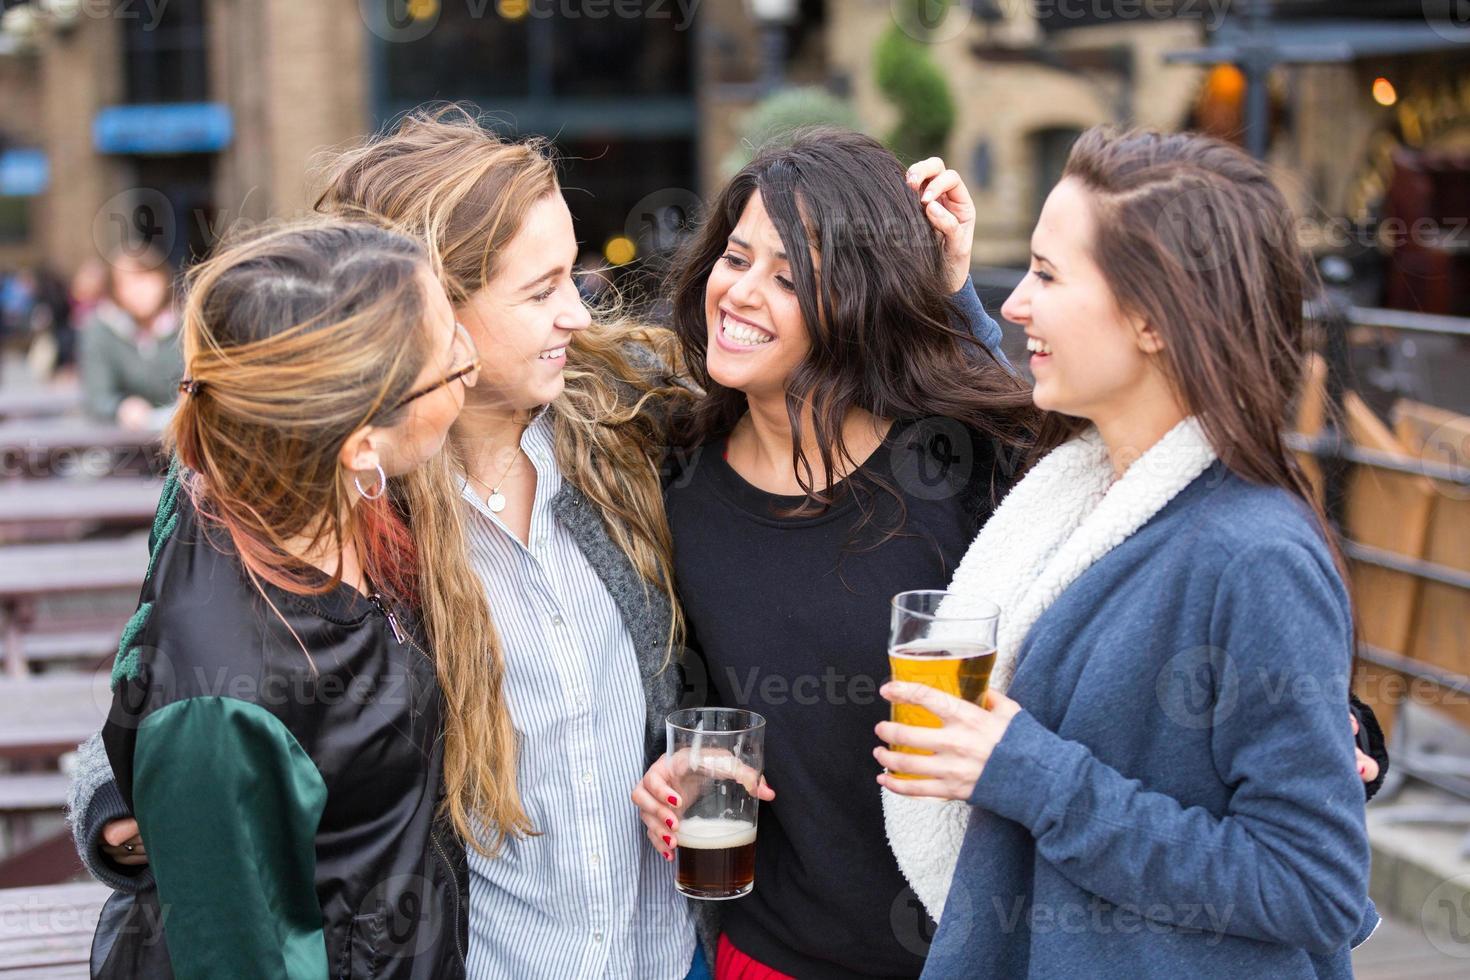 groupe de femmes bénéficiant d'une bière au pub à Londres. photo